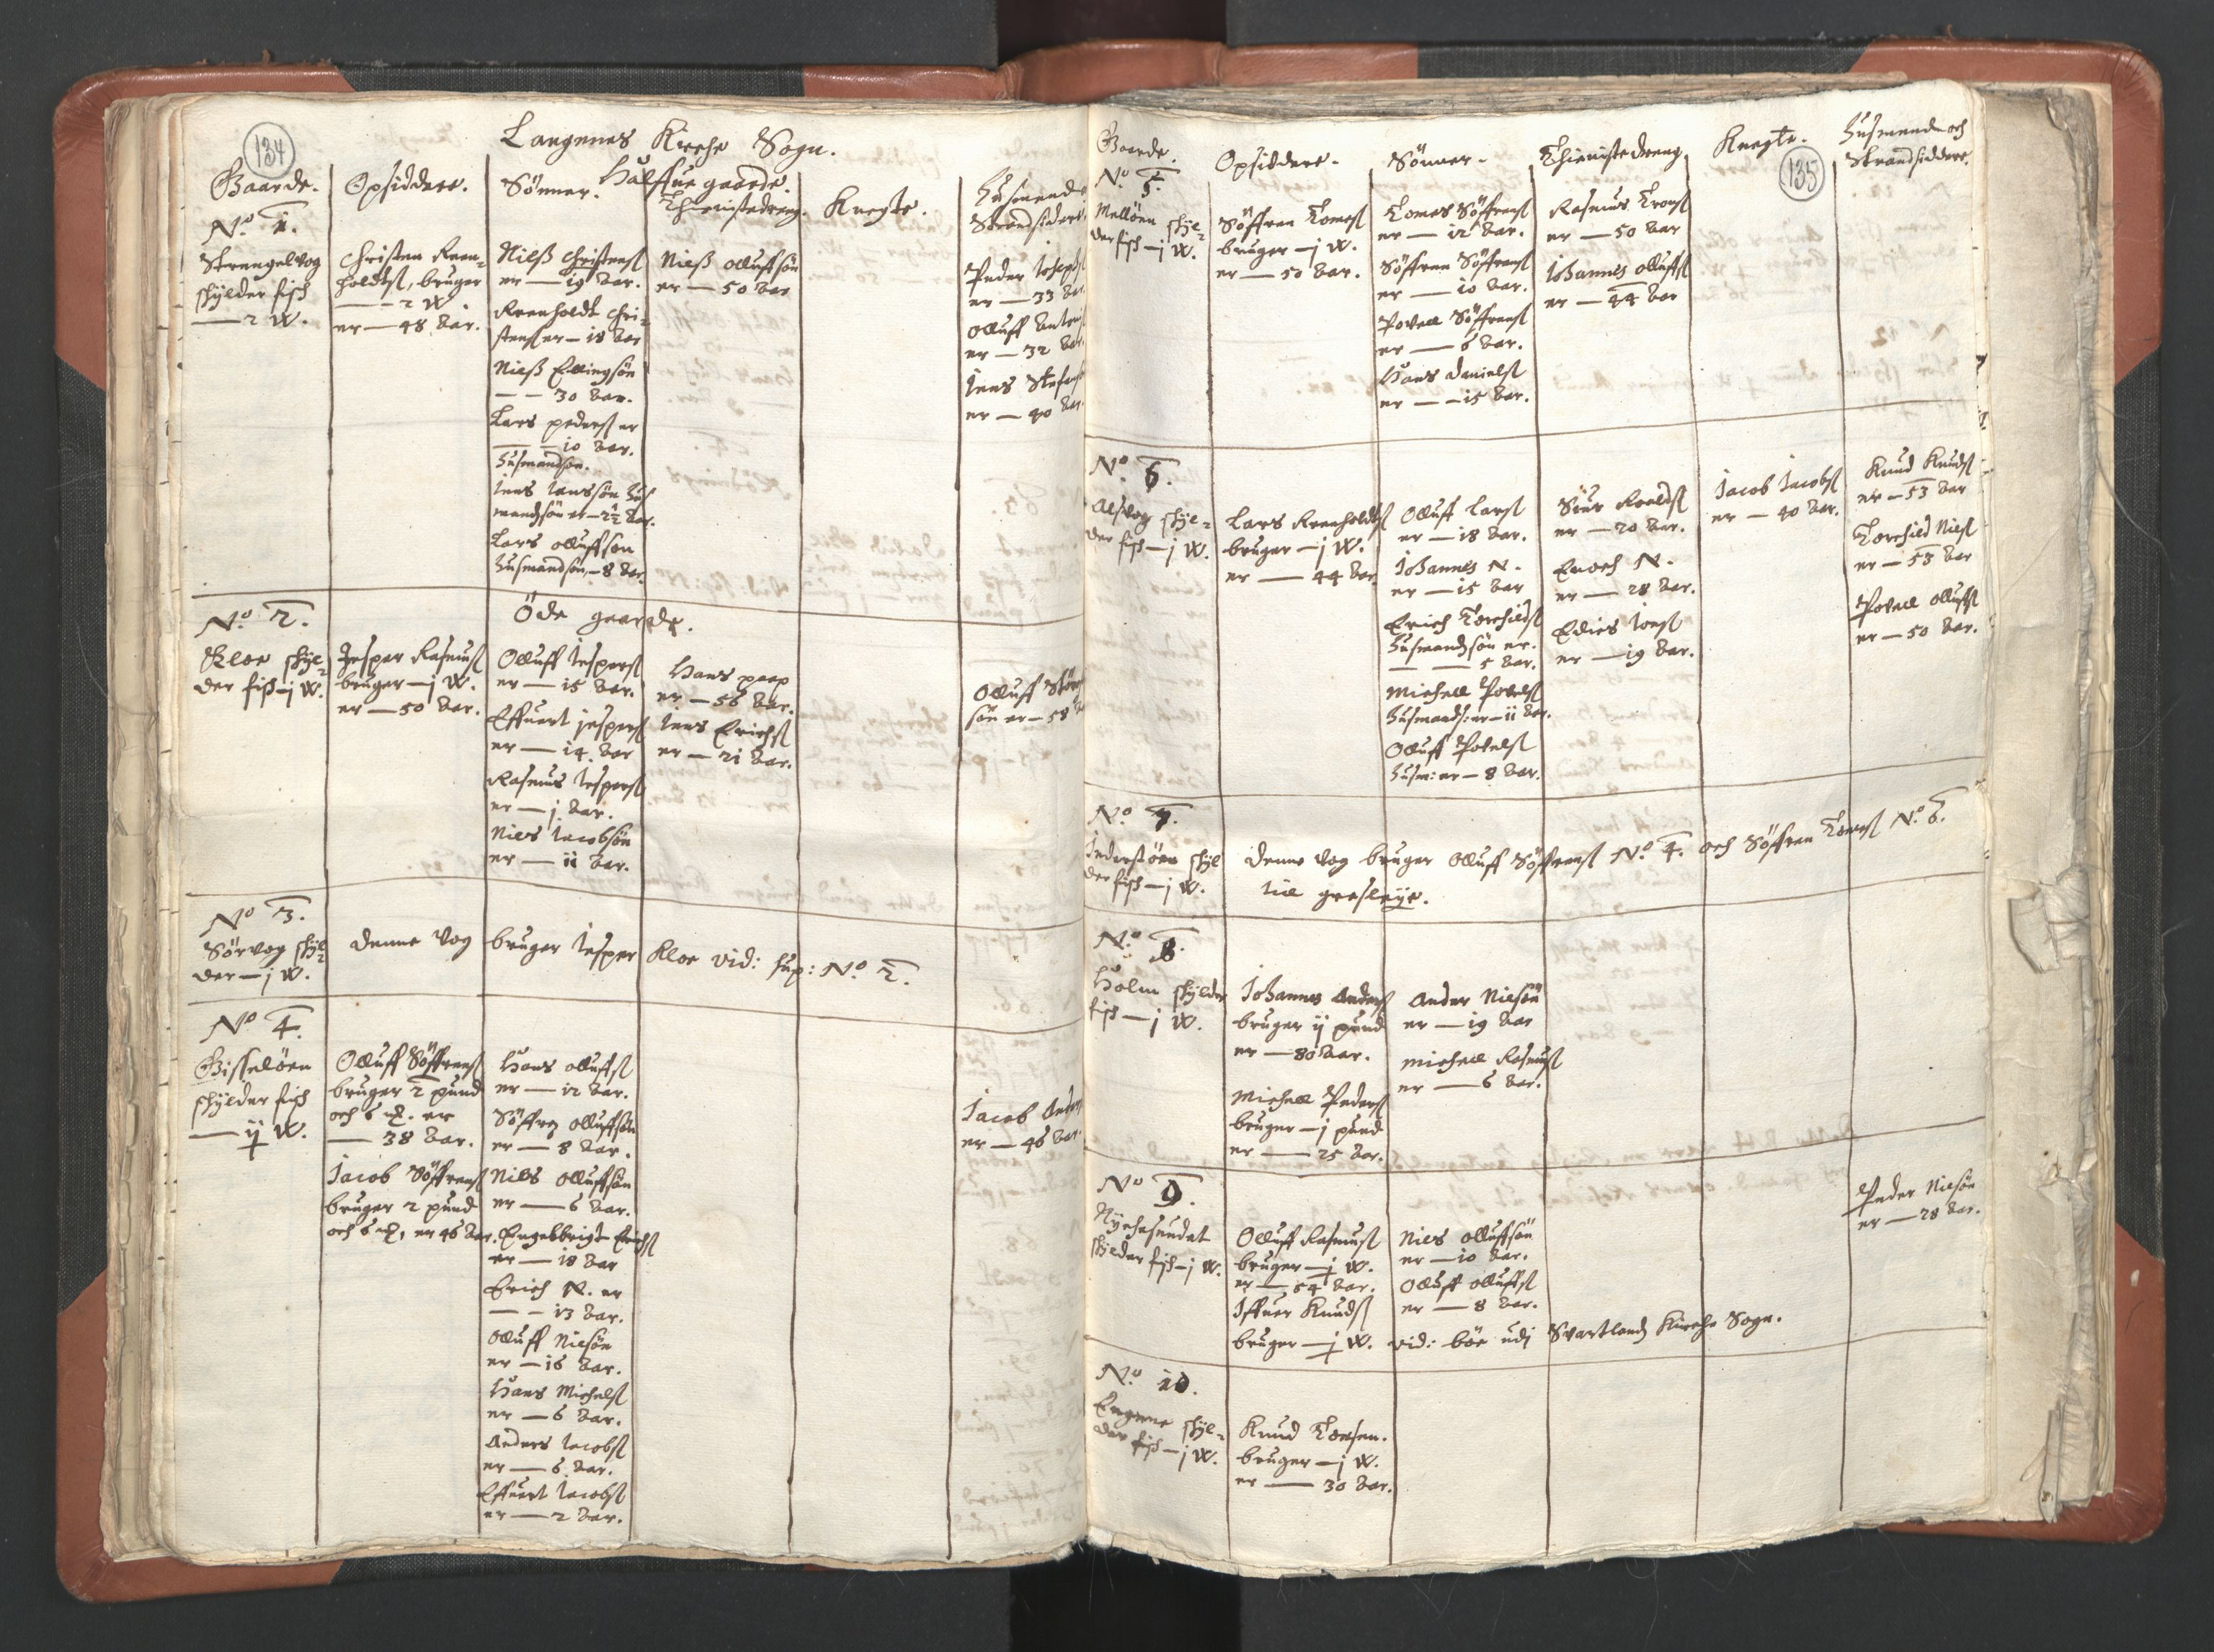 RA, Sogneprestenes manntall 1664-1666, nr. 36: Lofoten og Vesterålen prosti, Senja prosti og Troms prosti, 1664-1666, s. 134-135